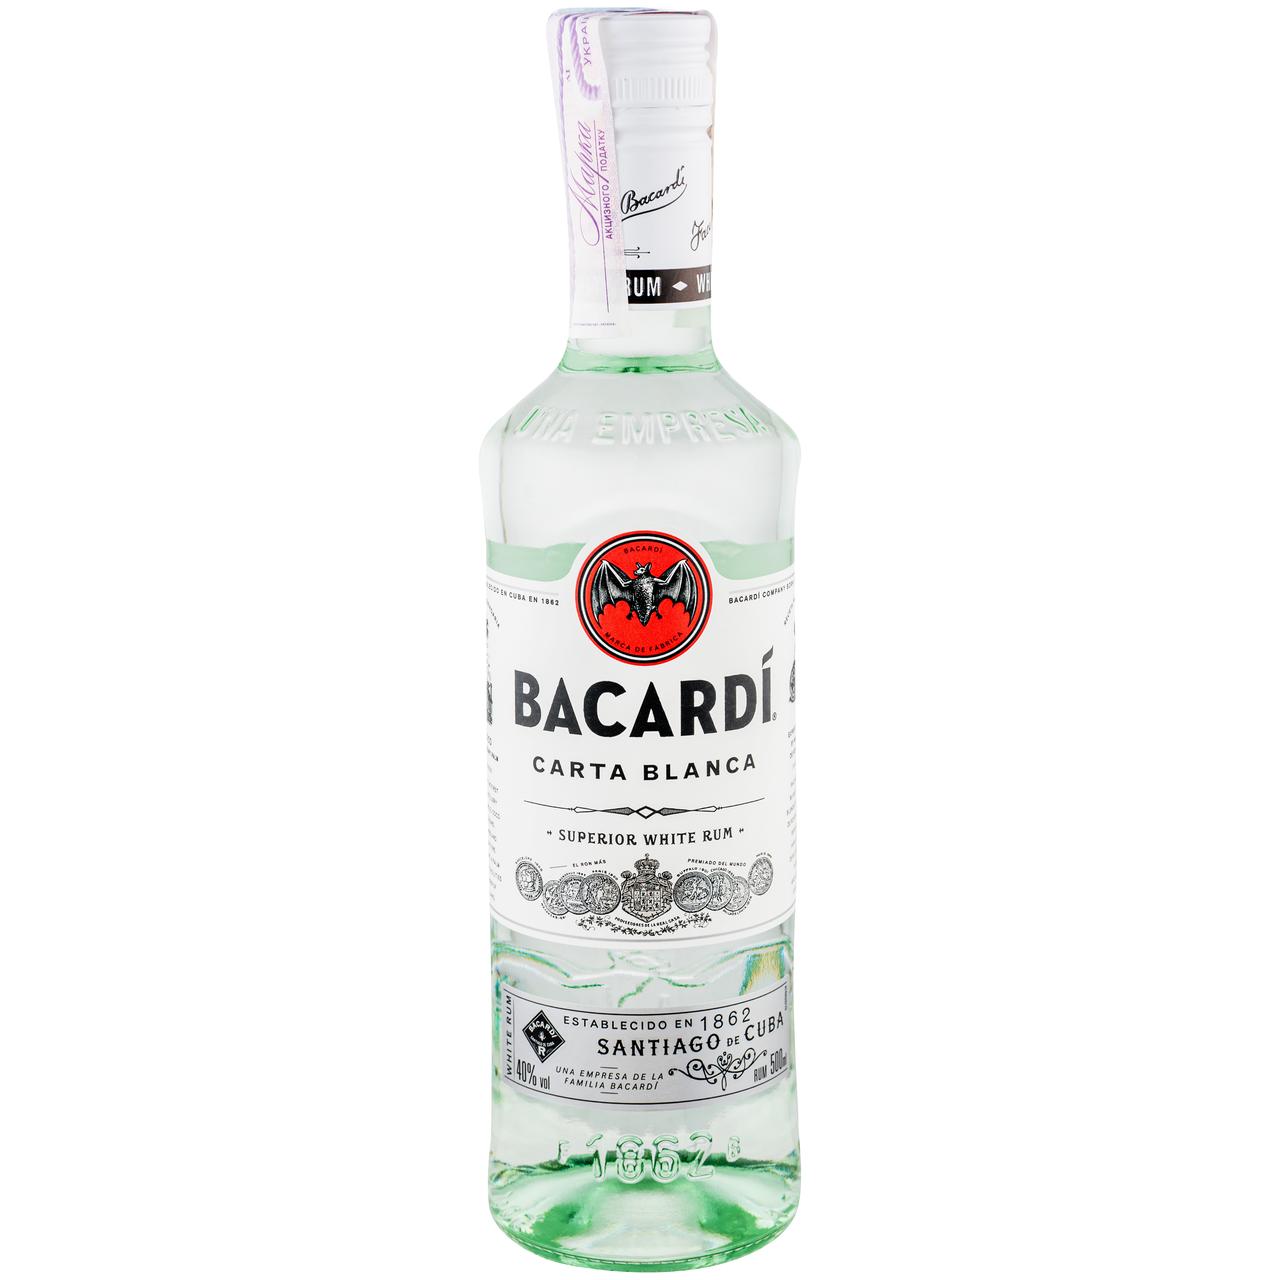 Ром Bacardi Carta Blanca білий 40% 0,5л